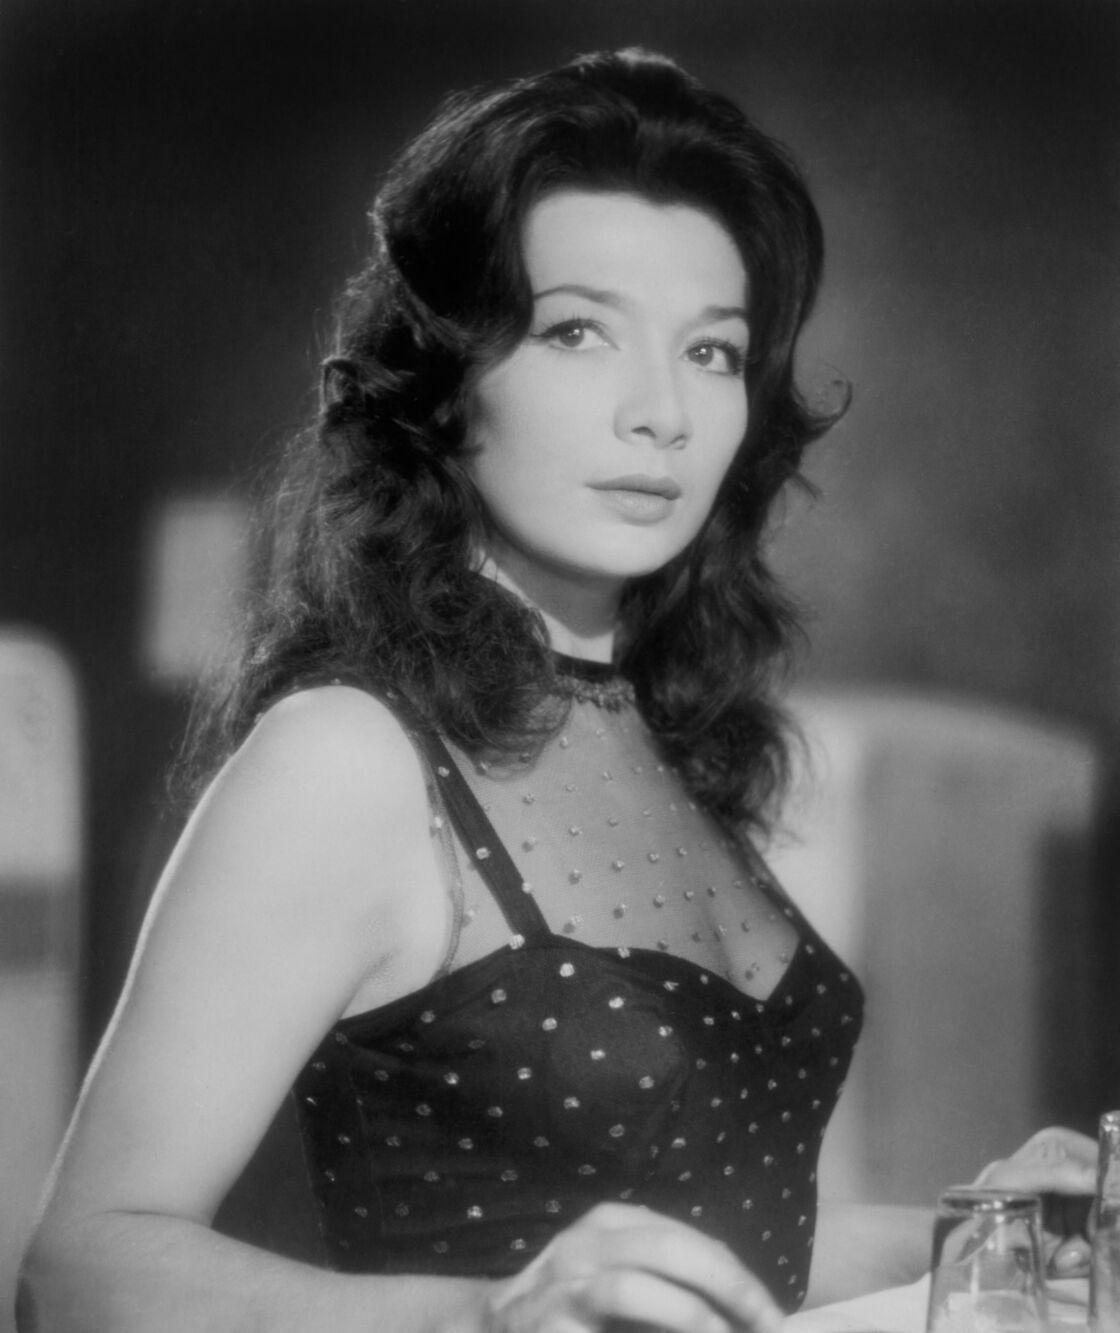 Juliette Gréco en 1958 dans le film